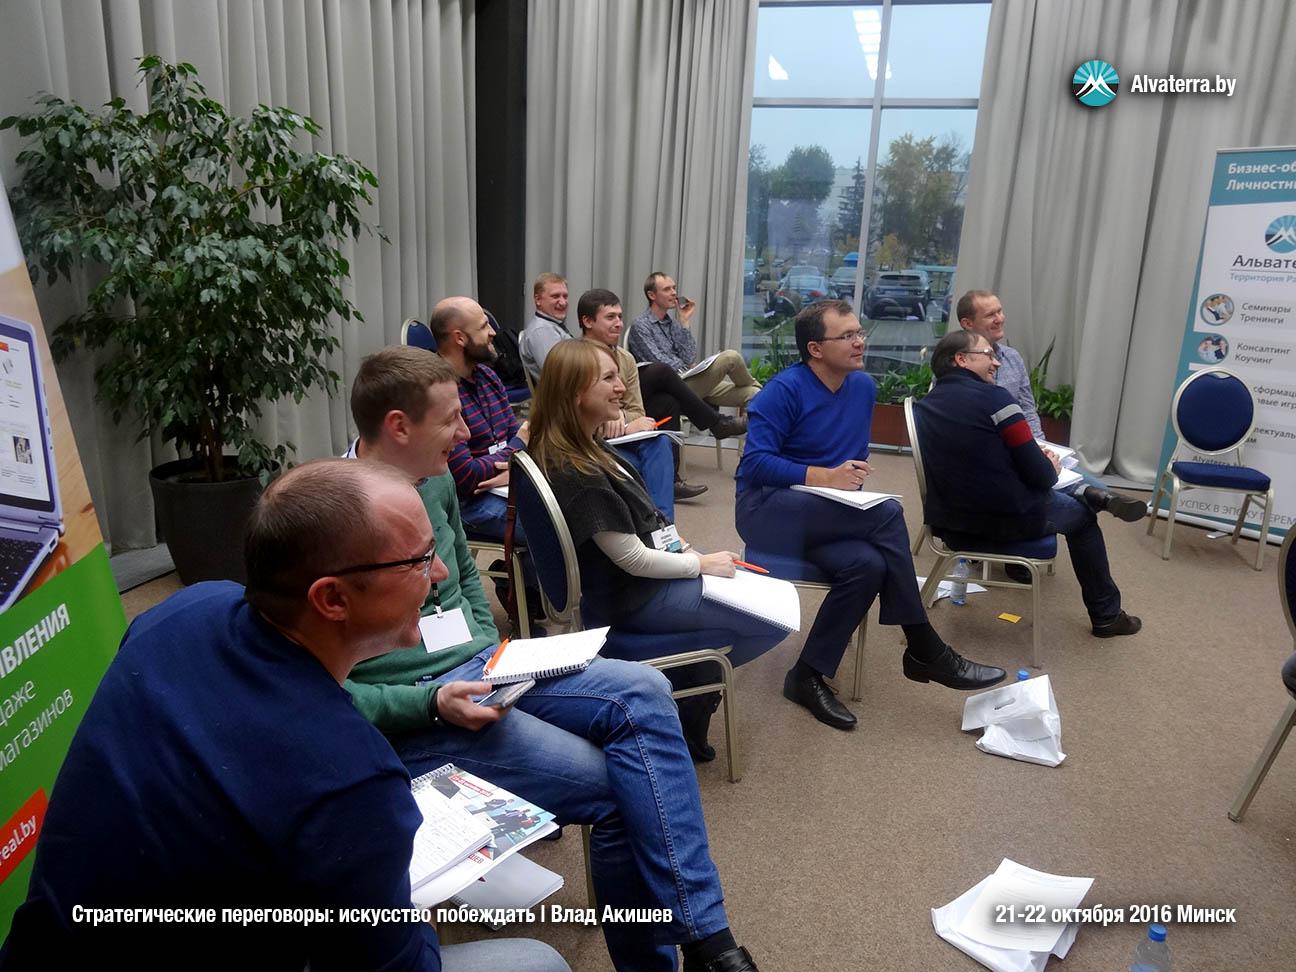 тренинг по стратегическим переговорам в Минске